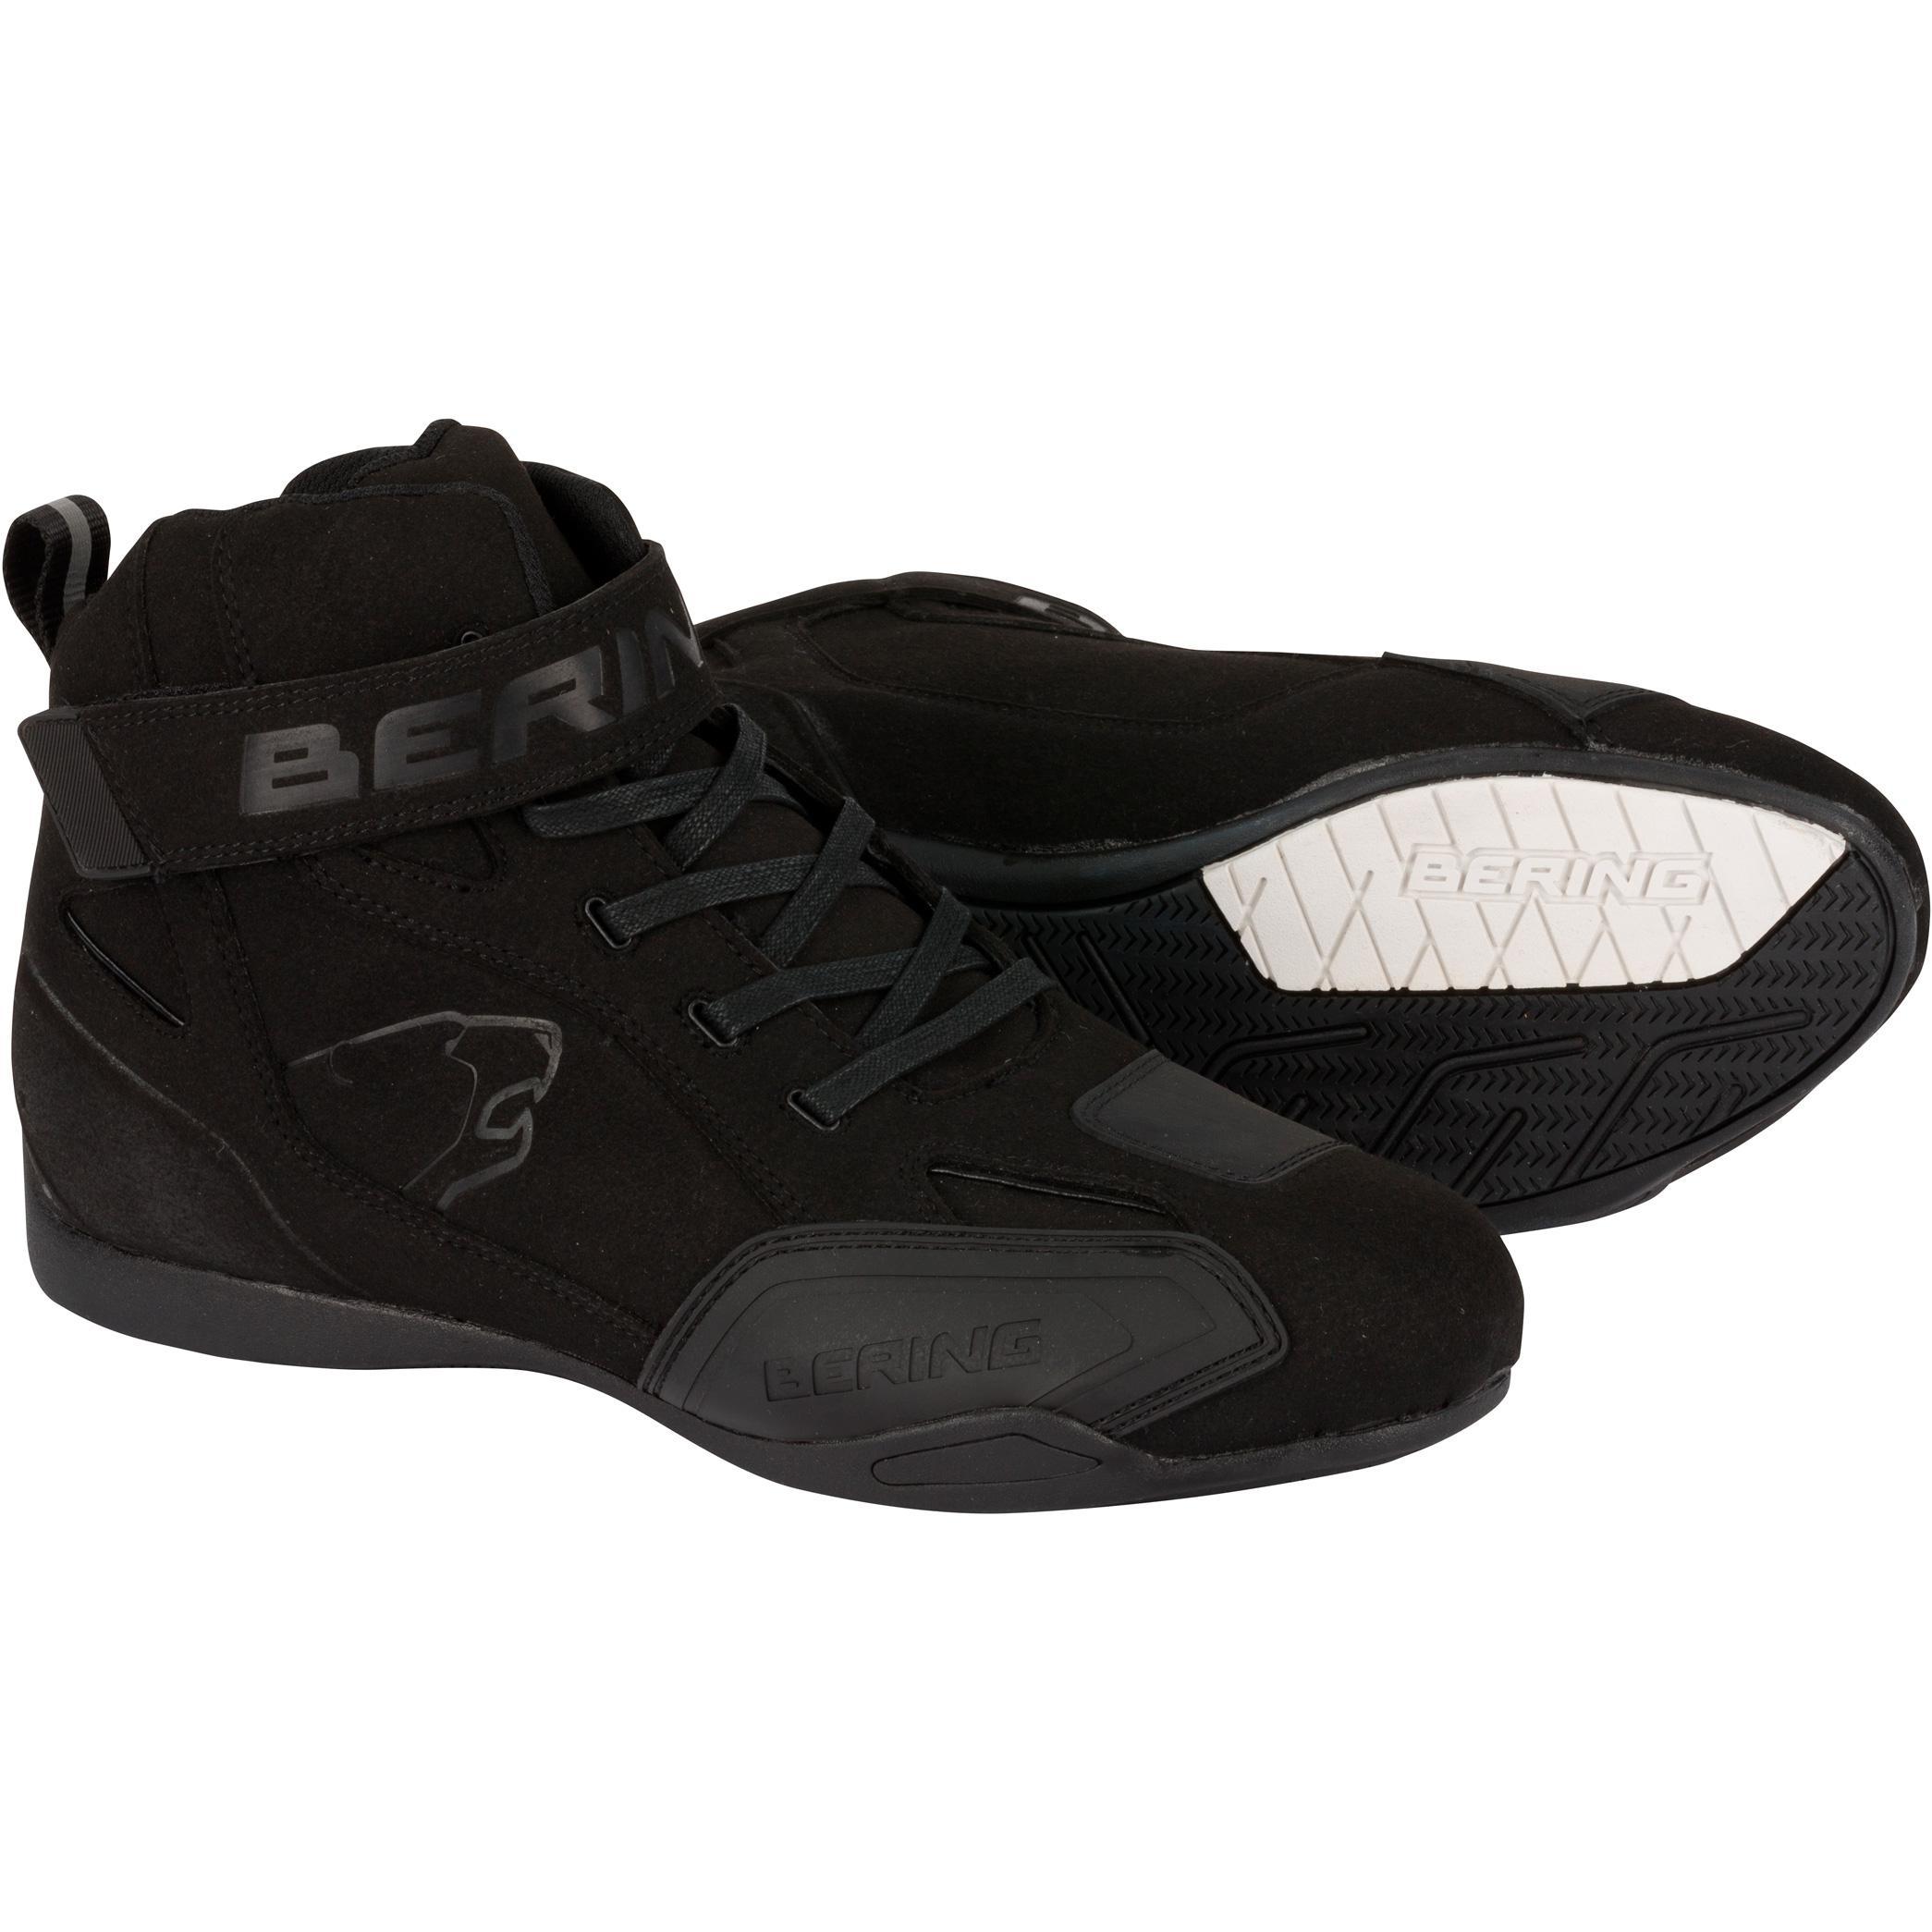 Sélection de promotions sur l'équipement Moto - Ex : Baskets Bering Corwell